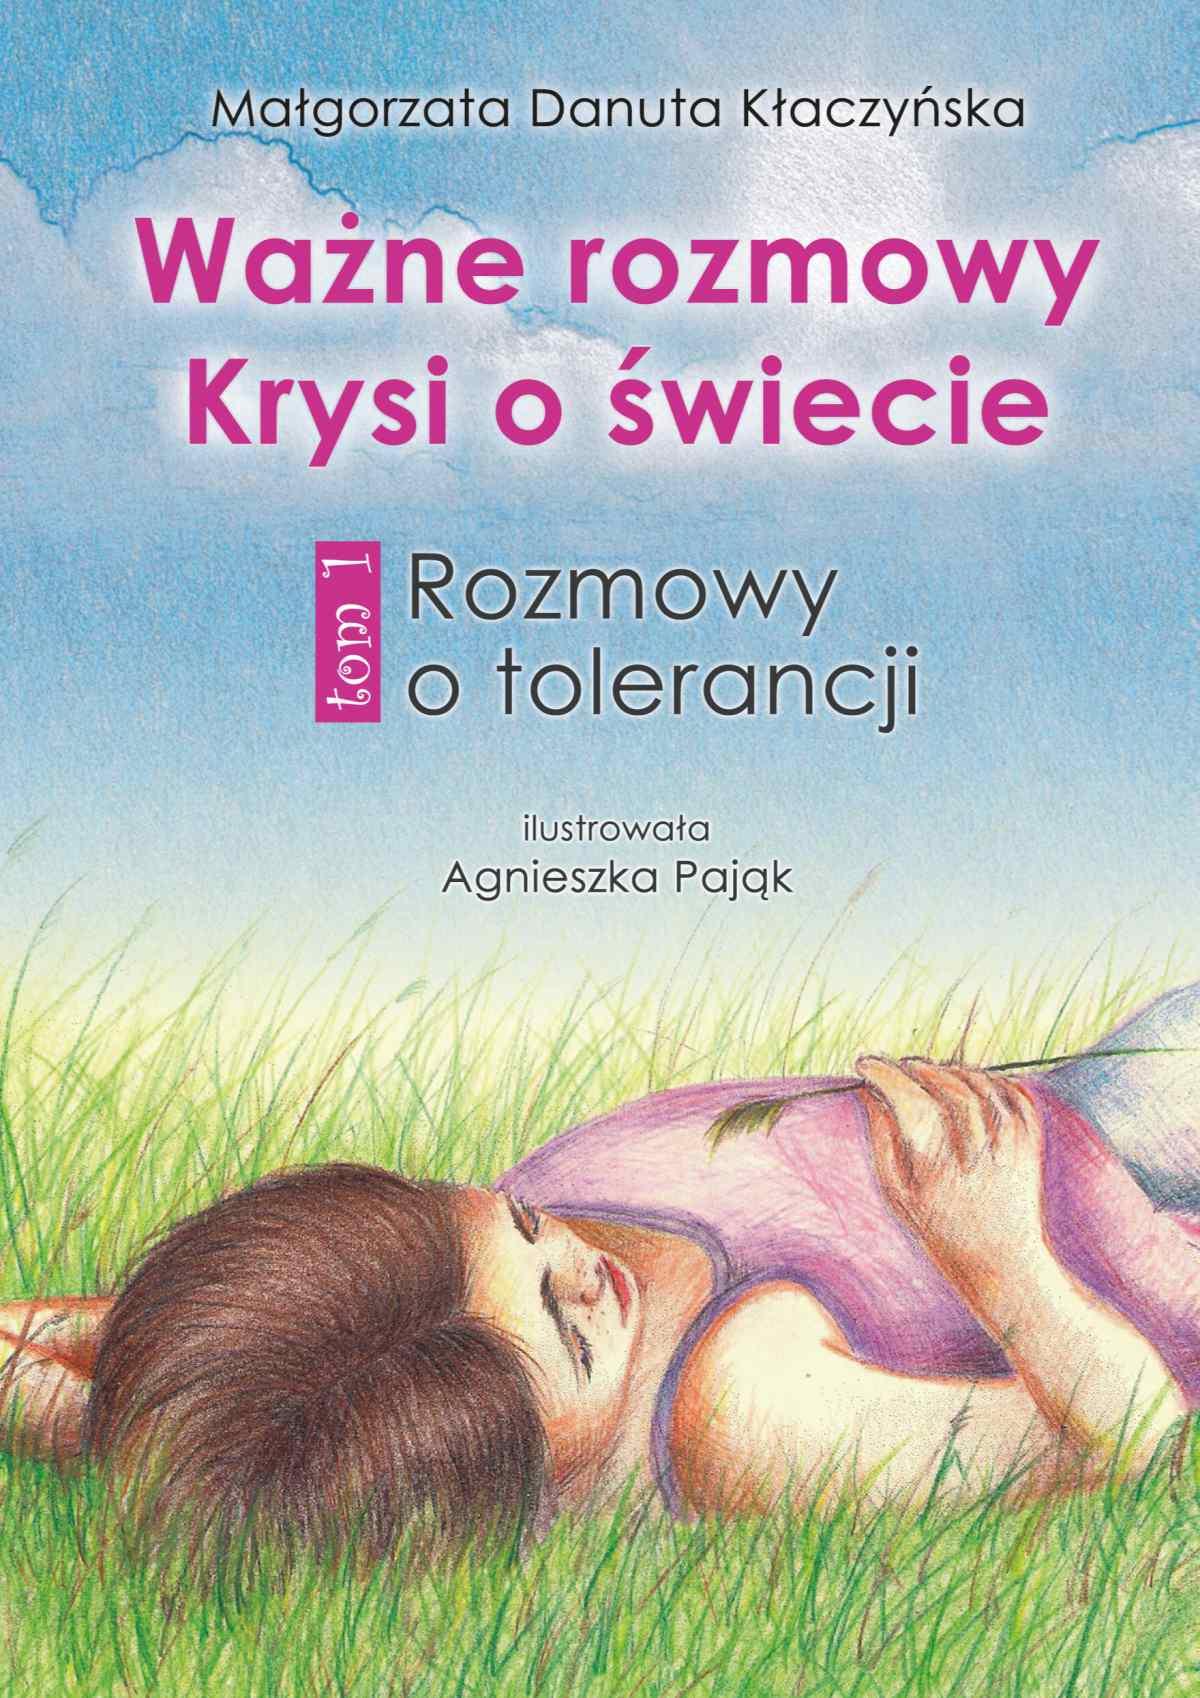 Ważne rozmowy Krysi o świecie. Tom 1. Rozmowy o tolerancji - Ebook (Książka na Kindle) do pobrania w formacie MOBI